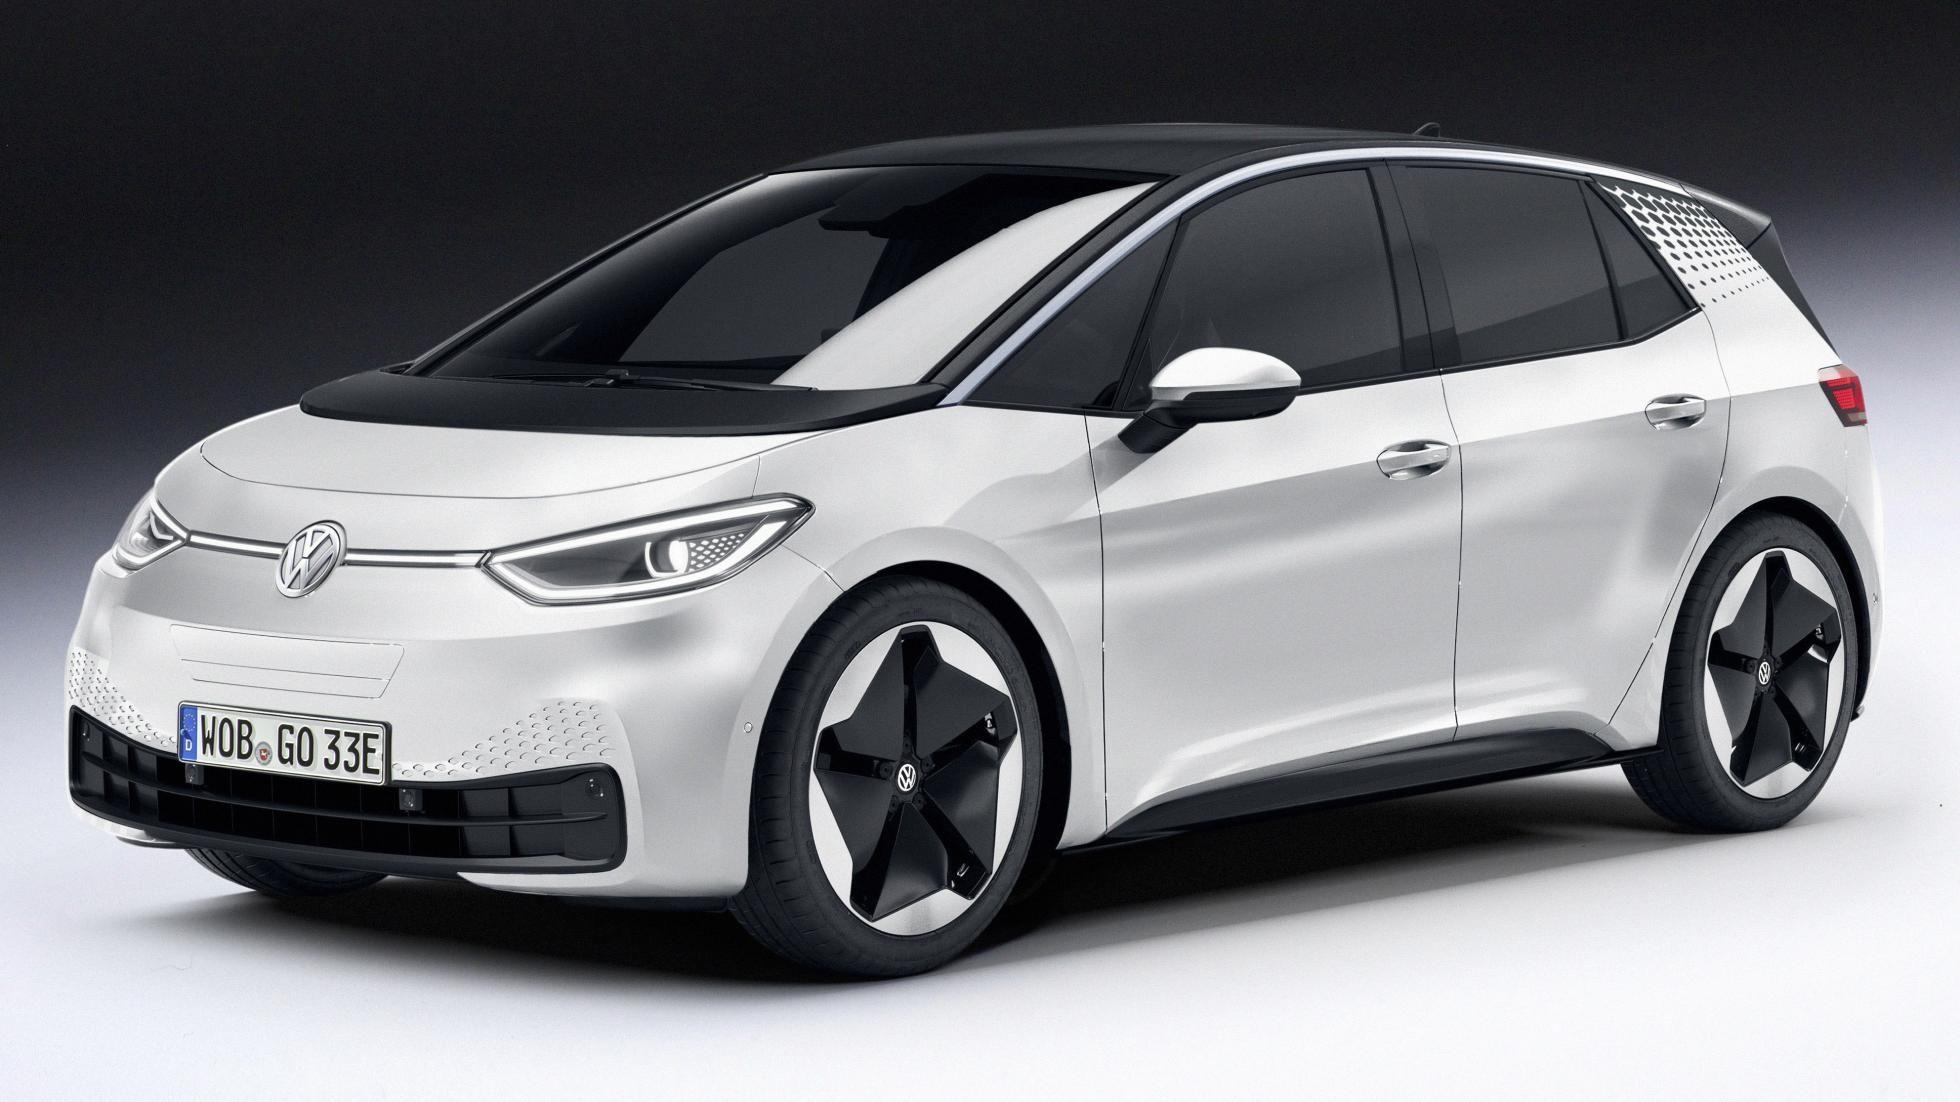 De Elektrische Volkswagen Id 3 Zou Niet Meer Kosten Dan Een Golf Tdi Volkswagen Elektrische Auto S Auto